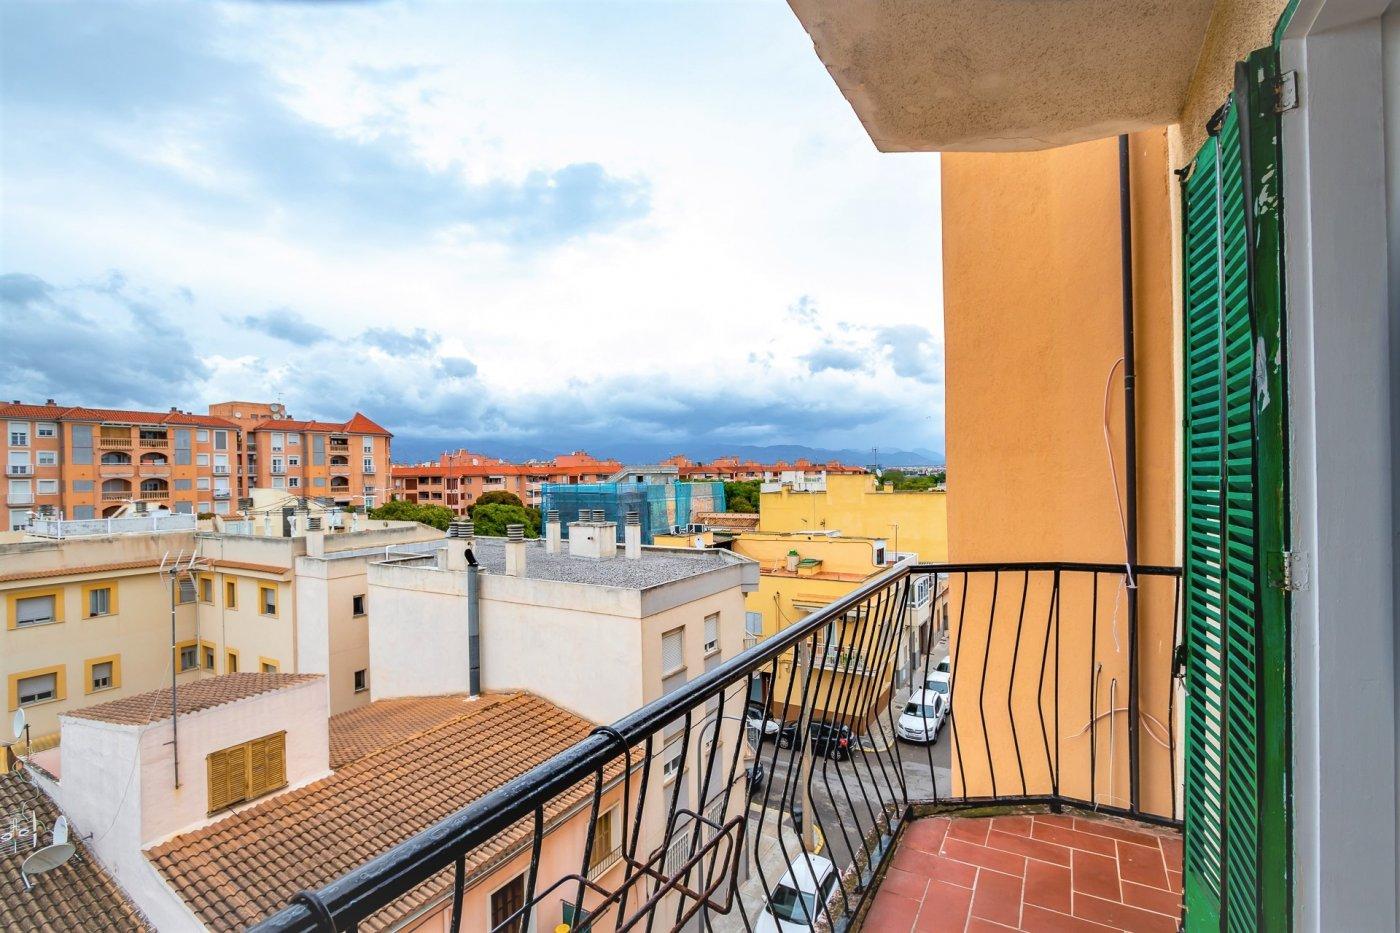 Flat for sale in Els Hostalets, Palma de Mallorca